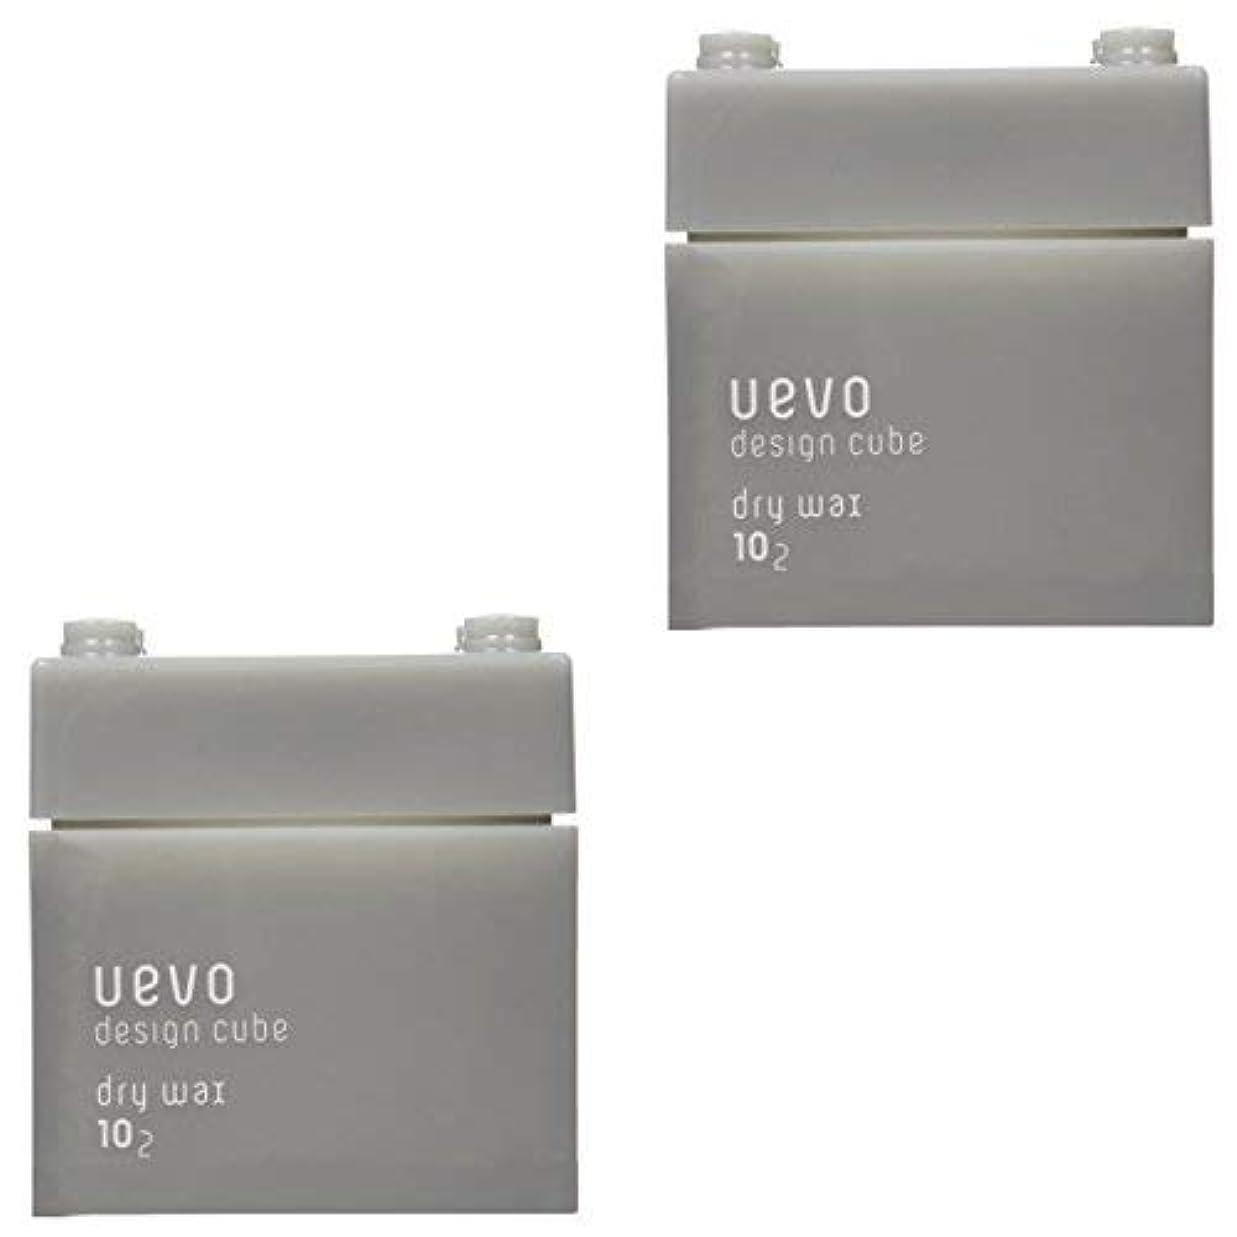 レジデンス不適切な許す【X2個セット】 デミ ウェーボ デザインキューブ ドライワックス 80g dry wax DEMI uevo design cube